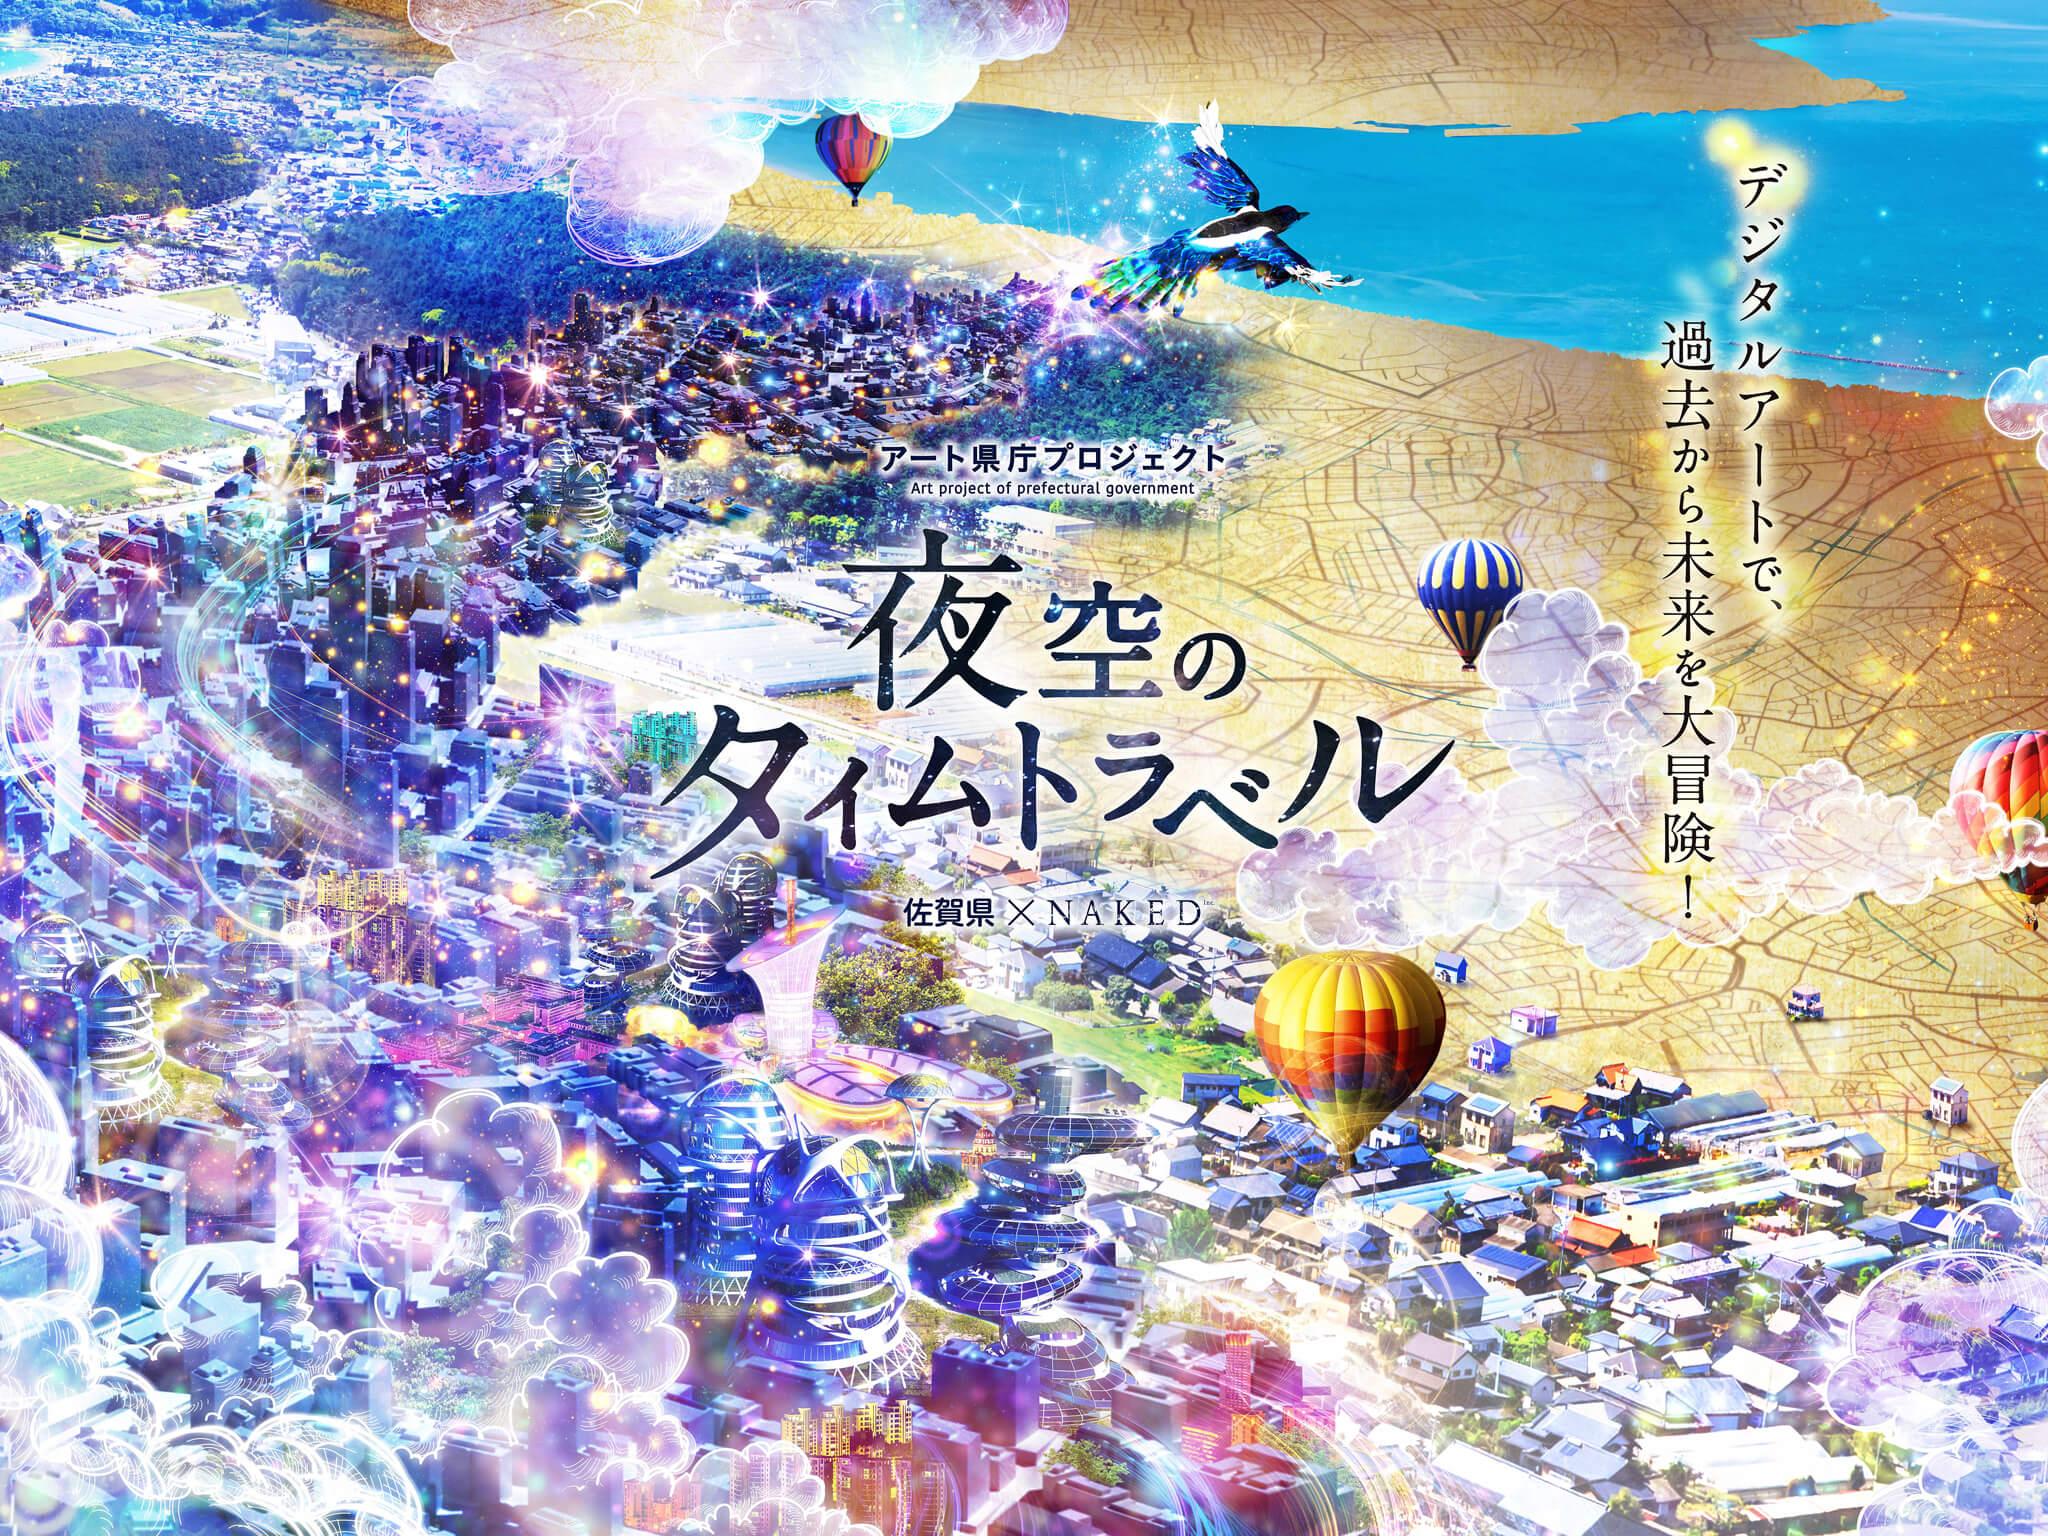 佐賀県庁 アート県庁プロジェクト「夜空のタイムトラベル」